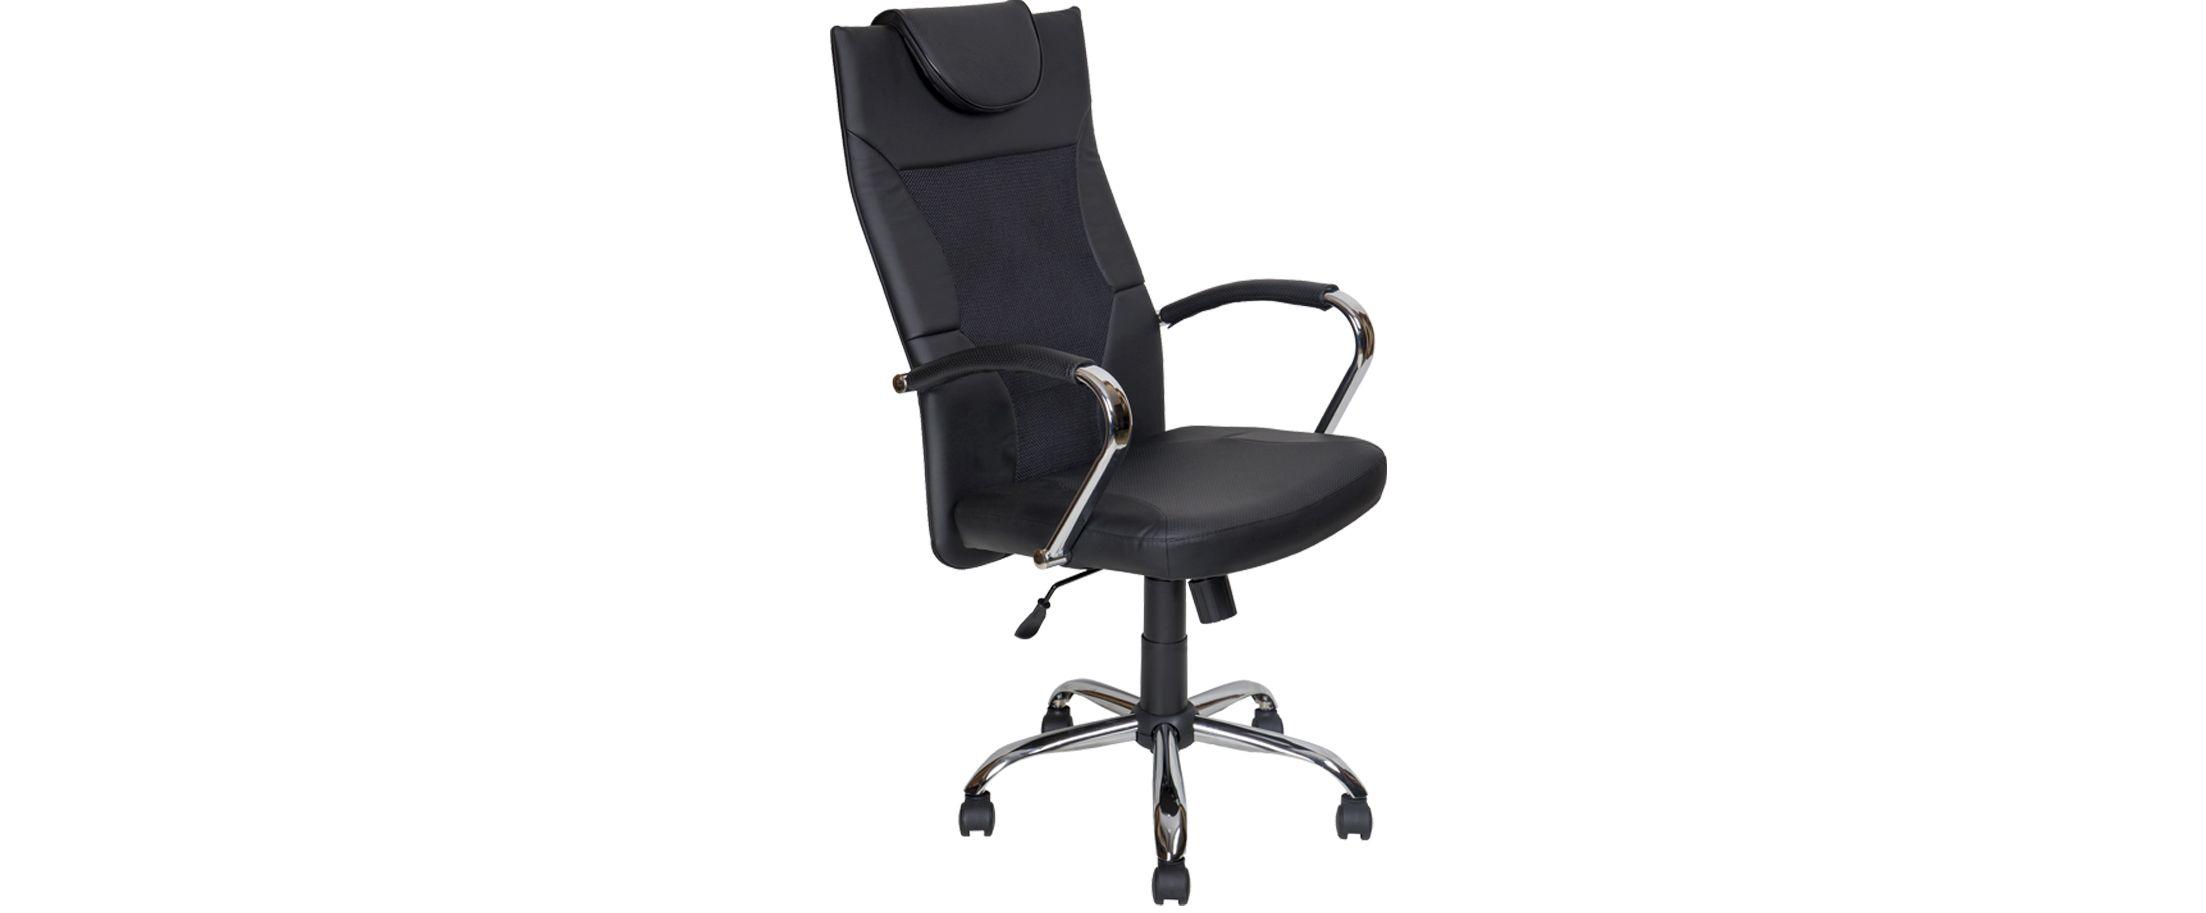 Кресло офисное AV 134 сетка черная Модель 999Кресло офисное AV 134 сетка черная Модель 999. Артикул Д000724<br><br>Ширина см: 45<br>Глубина см: 60<br>Высота см: 128<br>Цвет: Черный